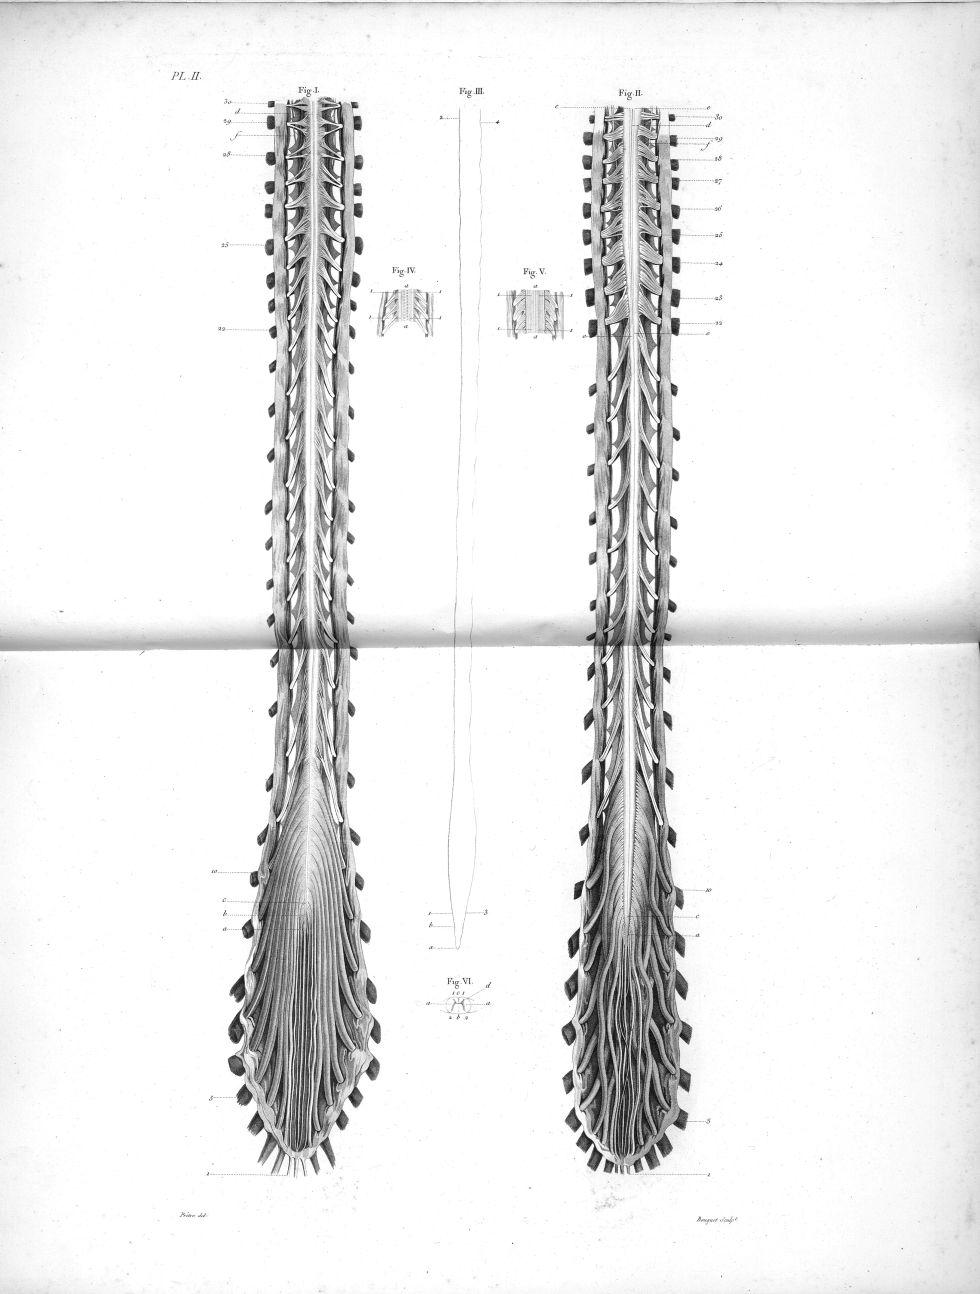 Pl. II. Fig. 1. Face antérieure / Fig. 2. Face postérieure de la masse nerveuse de la colonne vertéb [...] - Anatomie. Neurologie. Moelle épinière. 19e siècle (France) - med00575xatlasx0012